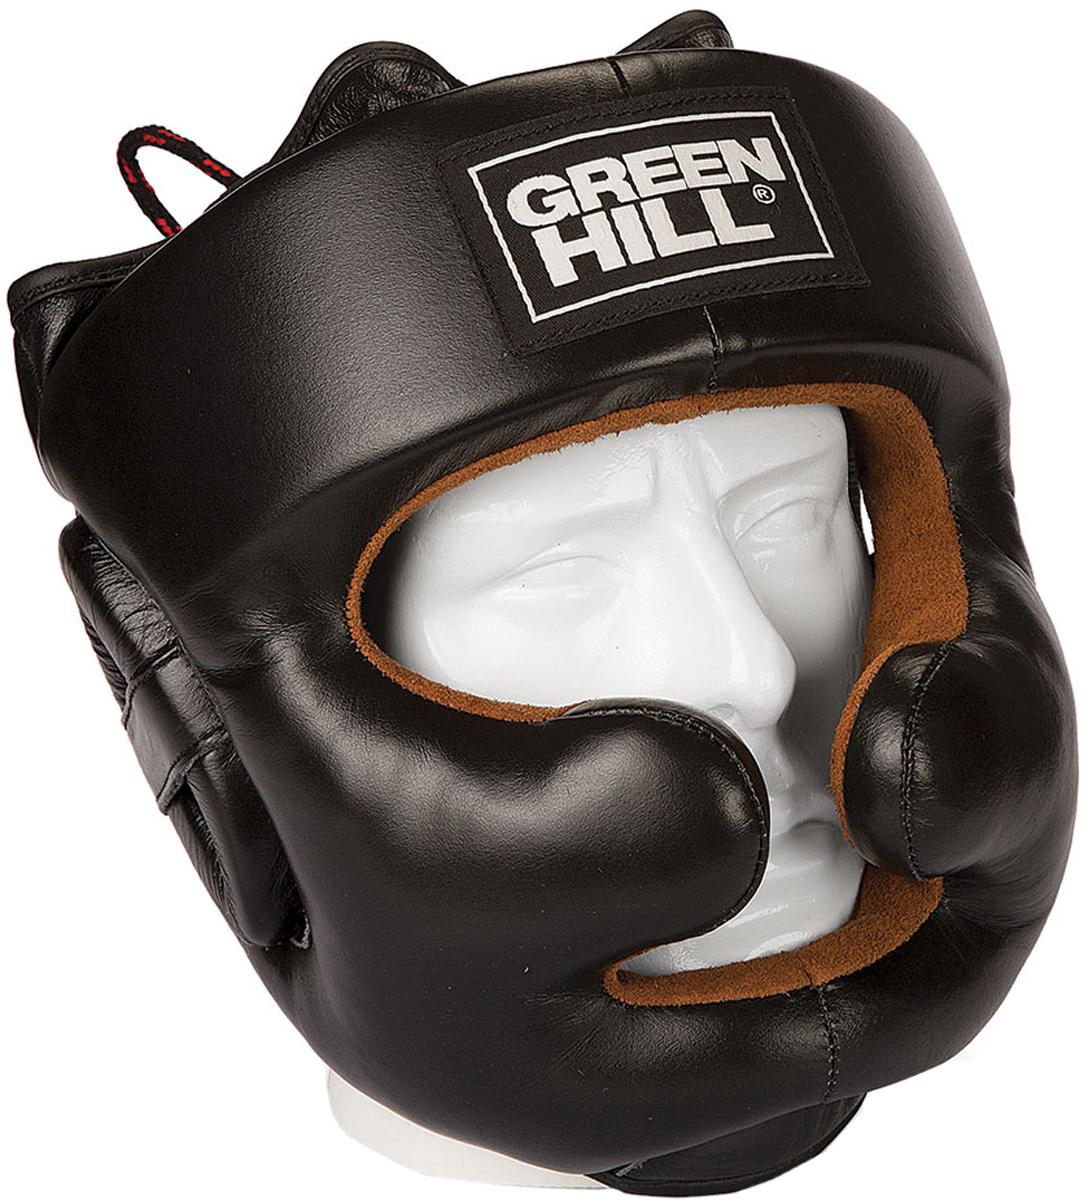 Шлем боксерский Green Hill Lux, цвет: черный. HGL-9049. Размер LHGL-9049Тренировочный боксерский фулл-фэйс шлем Green Hill LUX разработан специально для обеспечения максимальной защиты лица спортсмена с минимальным ущербом для видимости. Защита скул практически объединяется в бампер, оставляя небольшое пространство для улучшения обзора. Уши спортсмена так же обеспечены дополнительной защитой. Шлем сделан из высококачественной натуральной коровьей кожи, внутренняя сторона из натуральной замши. Верх шлема - на шнуровке.- Максимальная защищенность лица- Оптимальный баланс обзора и защищенности- Натуральная коровья кожа- Натуральная замша с внутренней стороныДля выбора шлемов, ориентируйтесь на следующие данные:охват головы - размер48-53 см - S54-56 см - М57-60 см – L61-63 см - XL